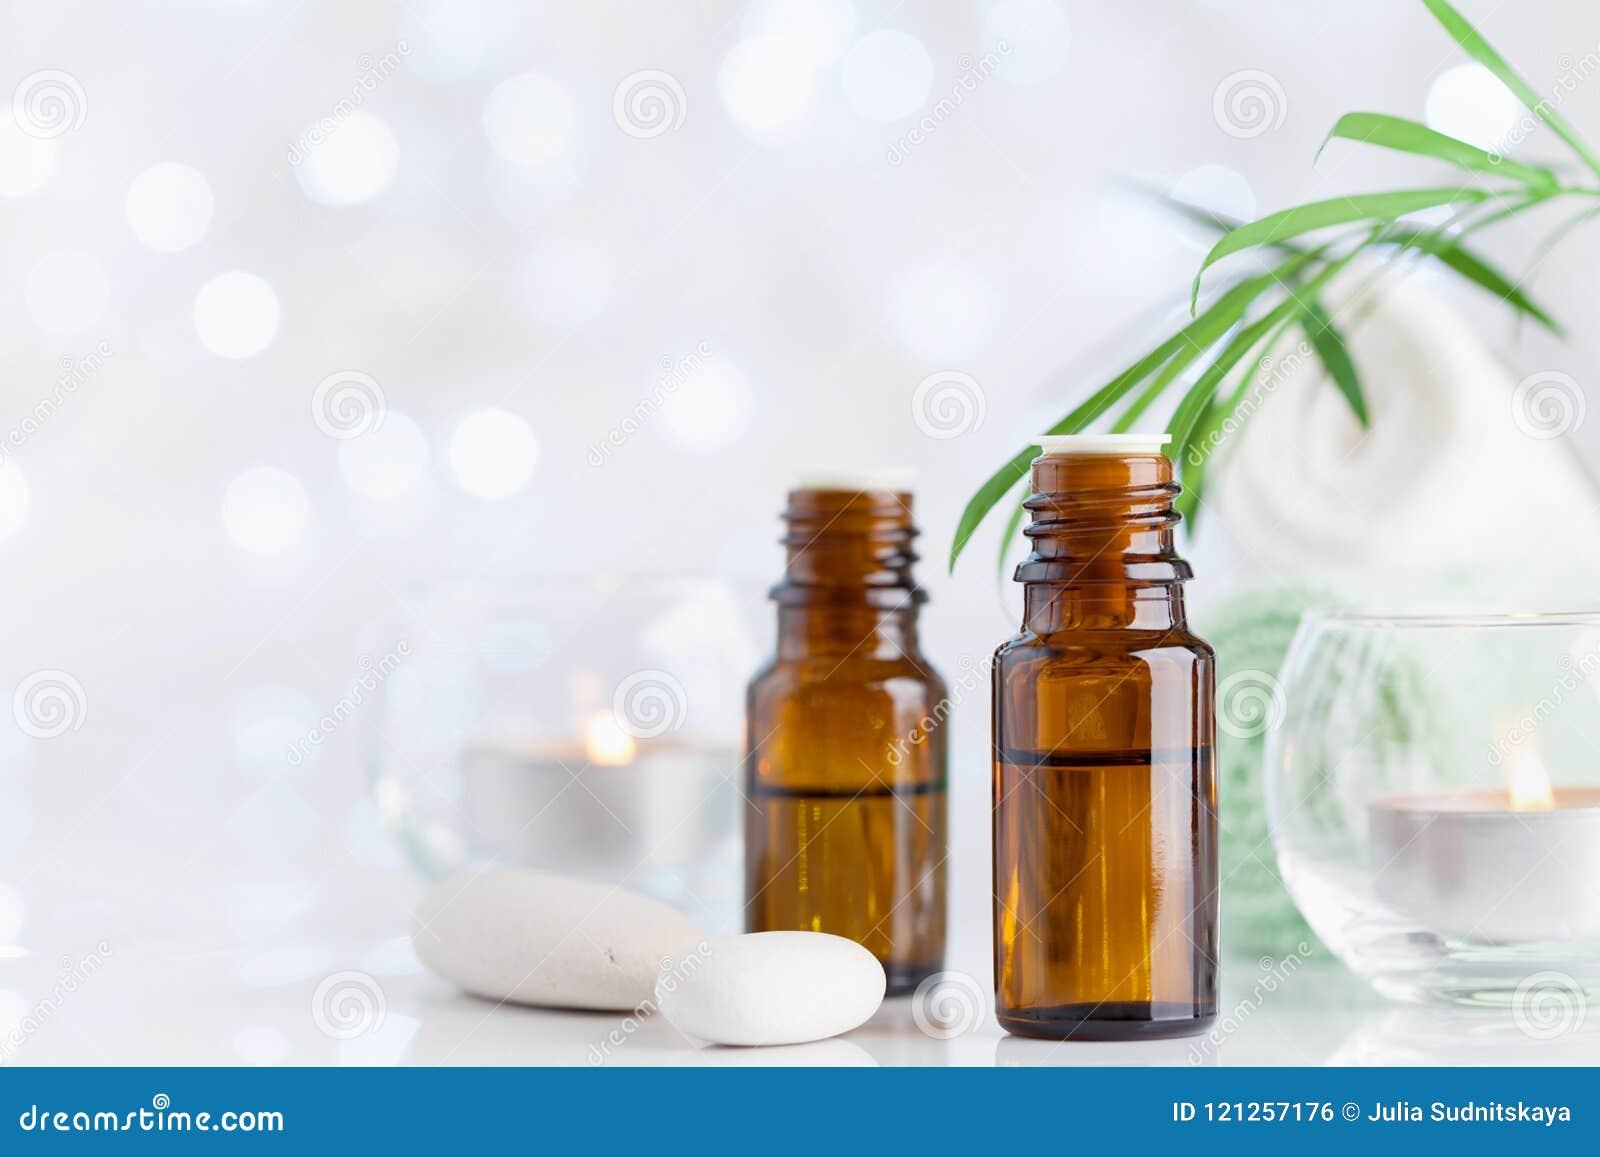 Garrafa com óleo essencial, toalha e velas na tabela branca Termas, aromaterapia, bem-estar, fundo da beleza